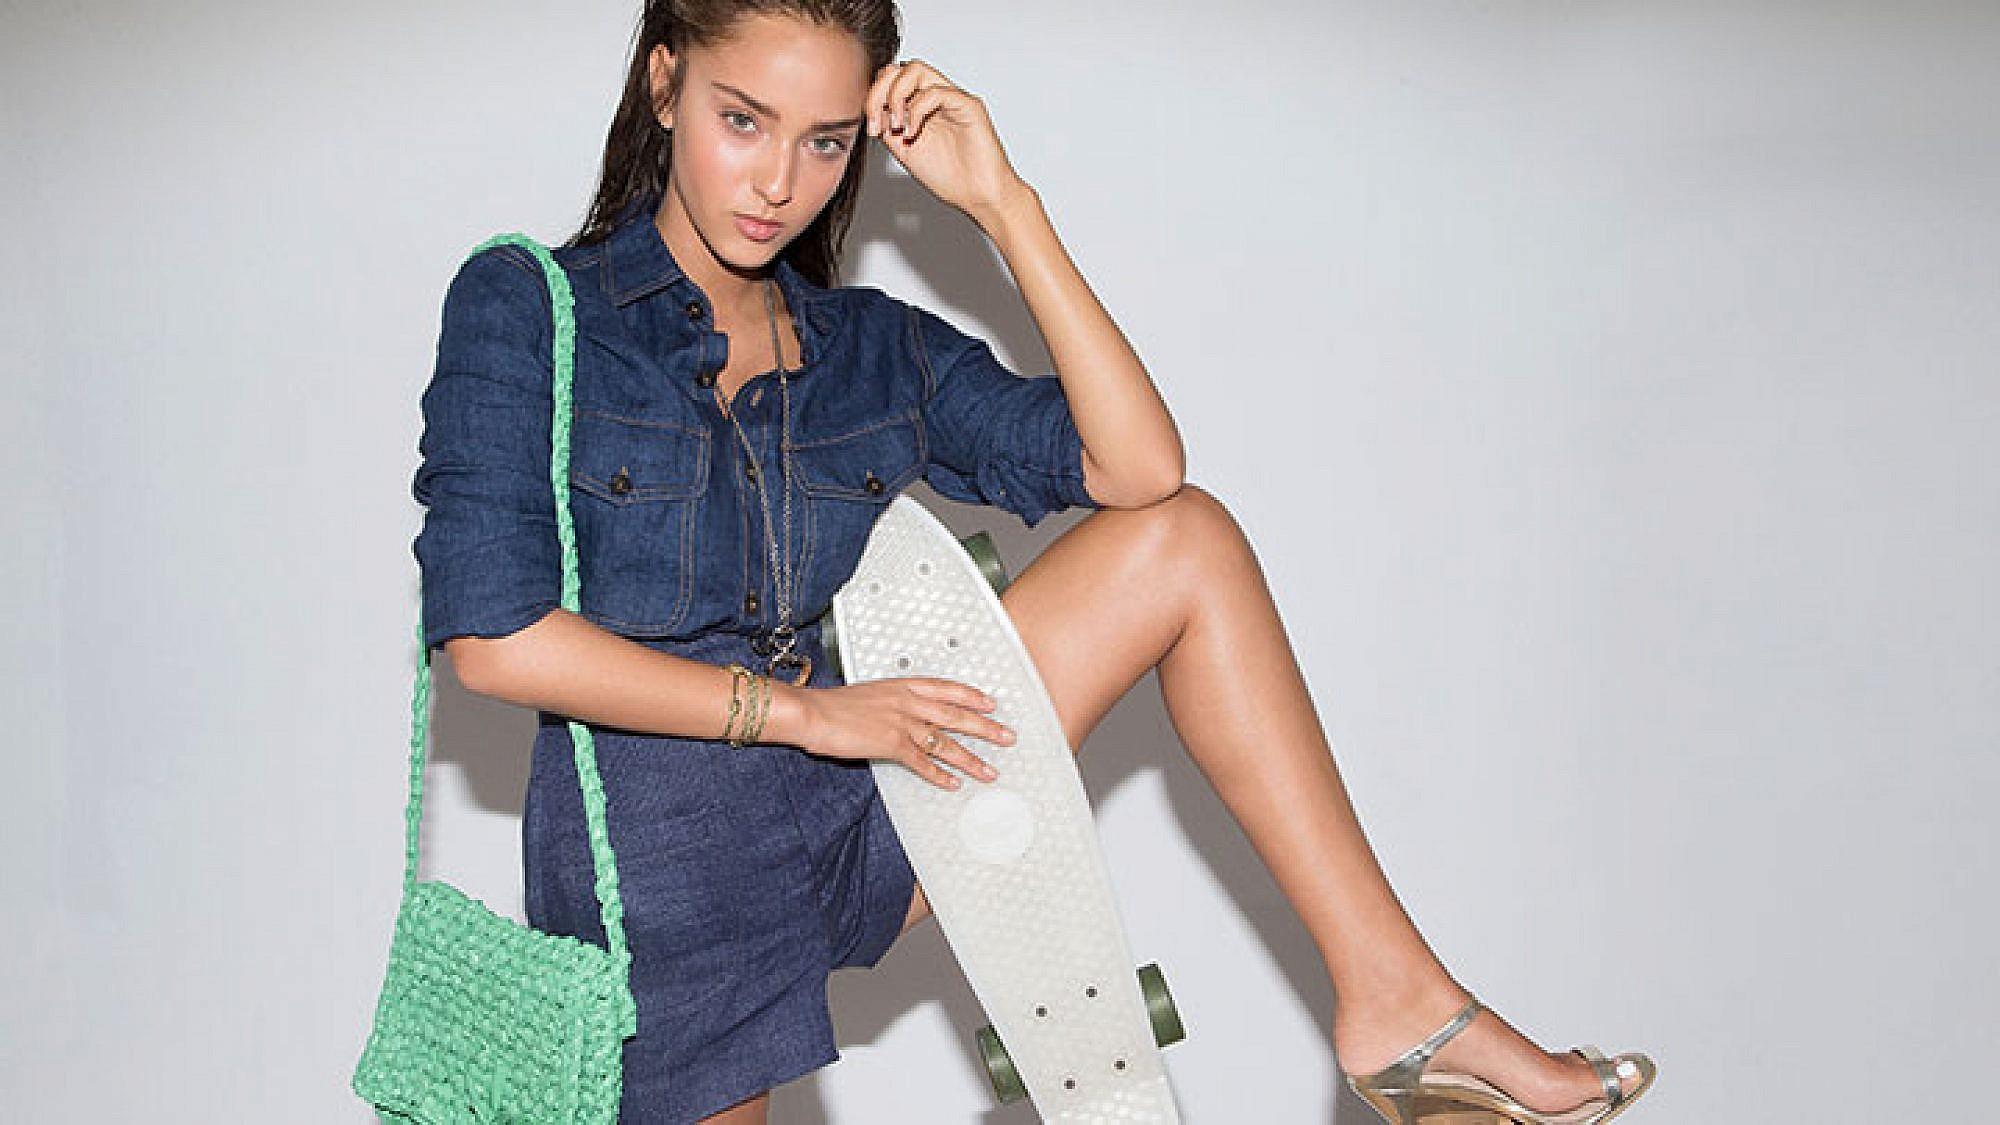 חולצה מנגו, מכנסיים זארה,  נעליים טופשופ, שרשרת וטבעת גוצ'י לאימפרס, צמיד חבל ותיק מיכל אדרי (להשיג ב- 050-633375)   צילום: יניב אדרי